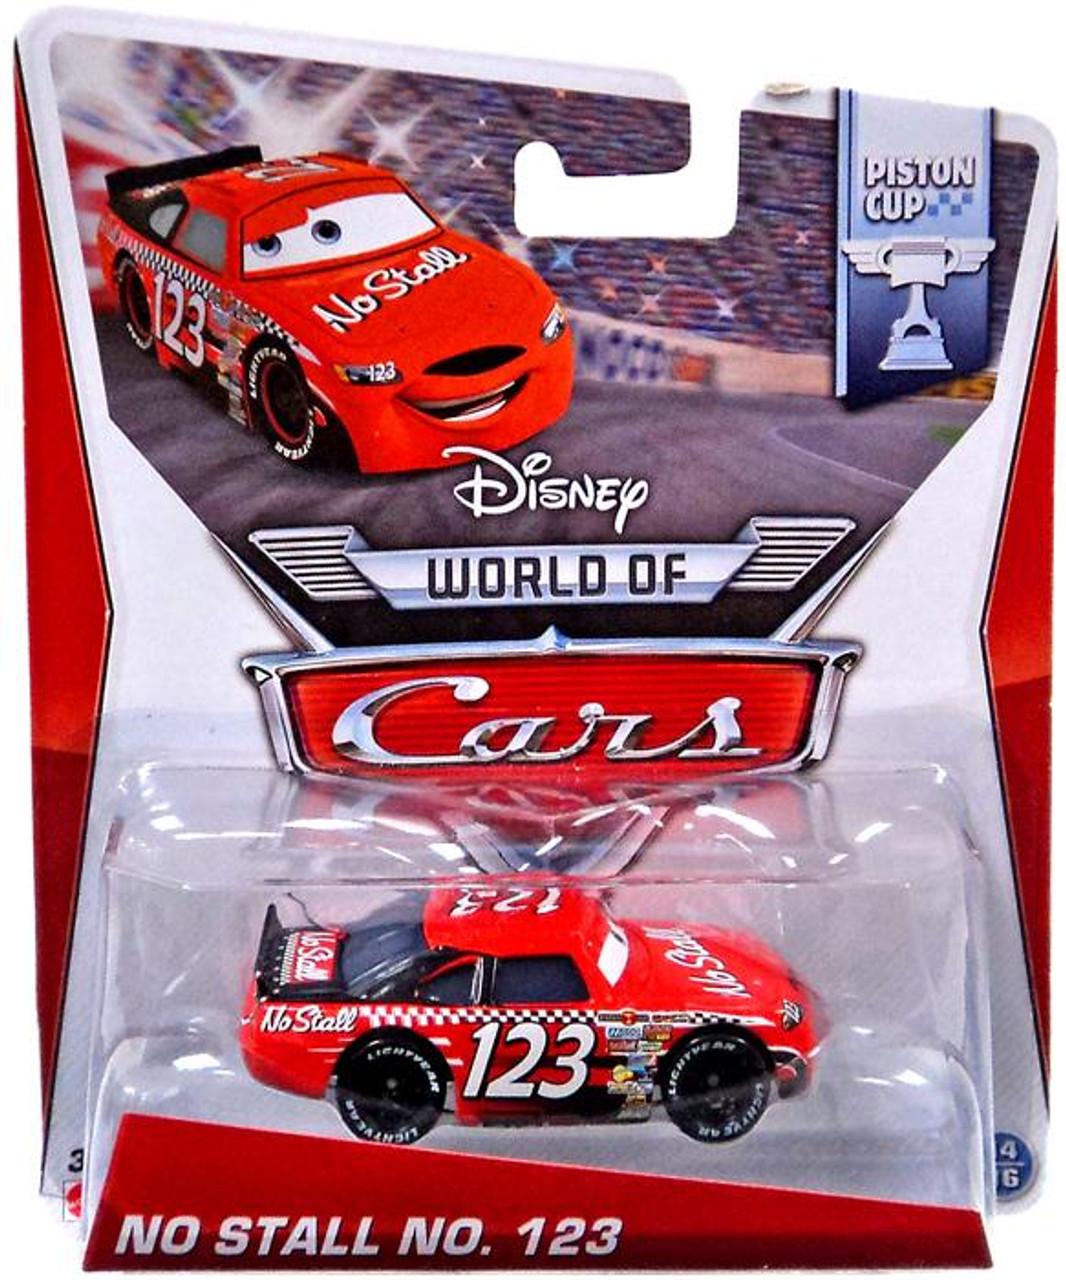 Disney Cars The World of Cars No Stall No. 123 Diecast Car #14